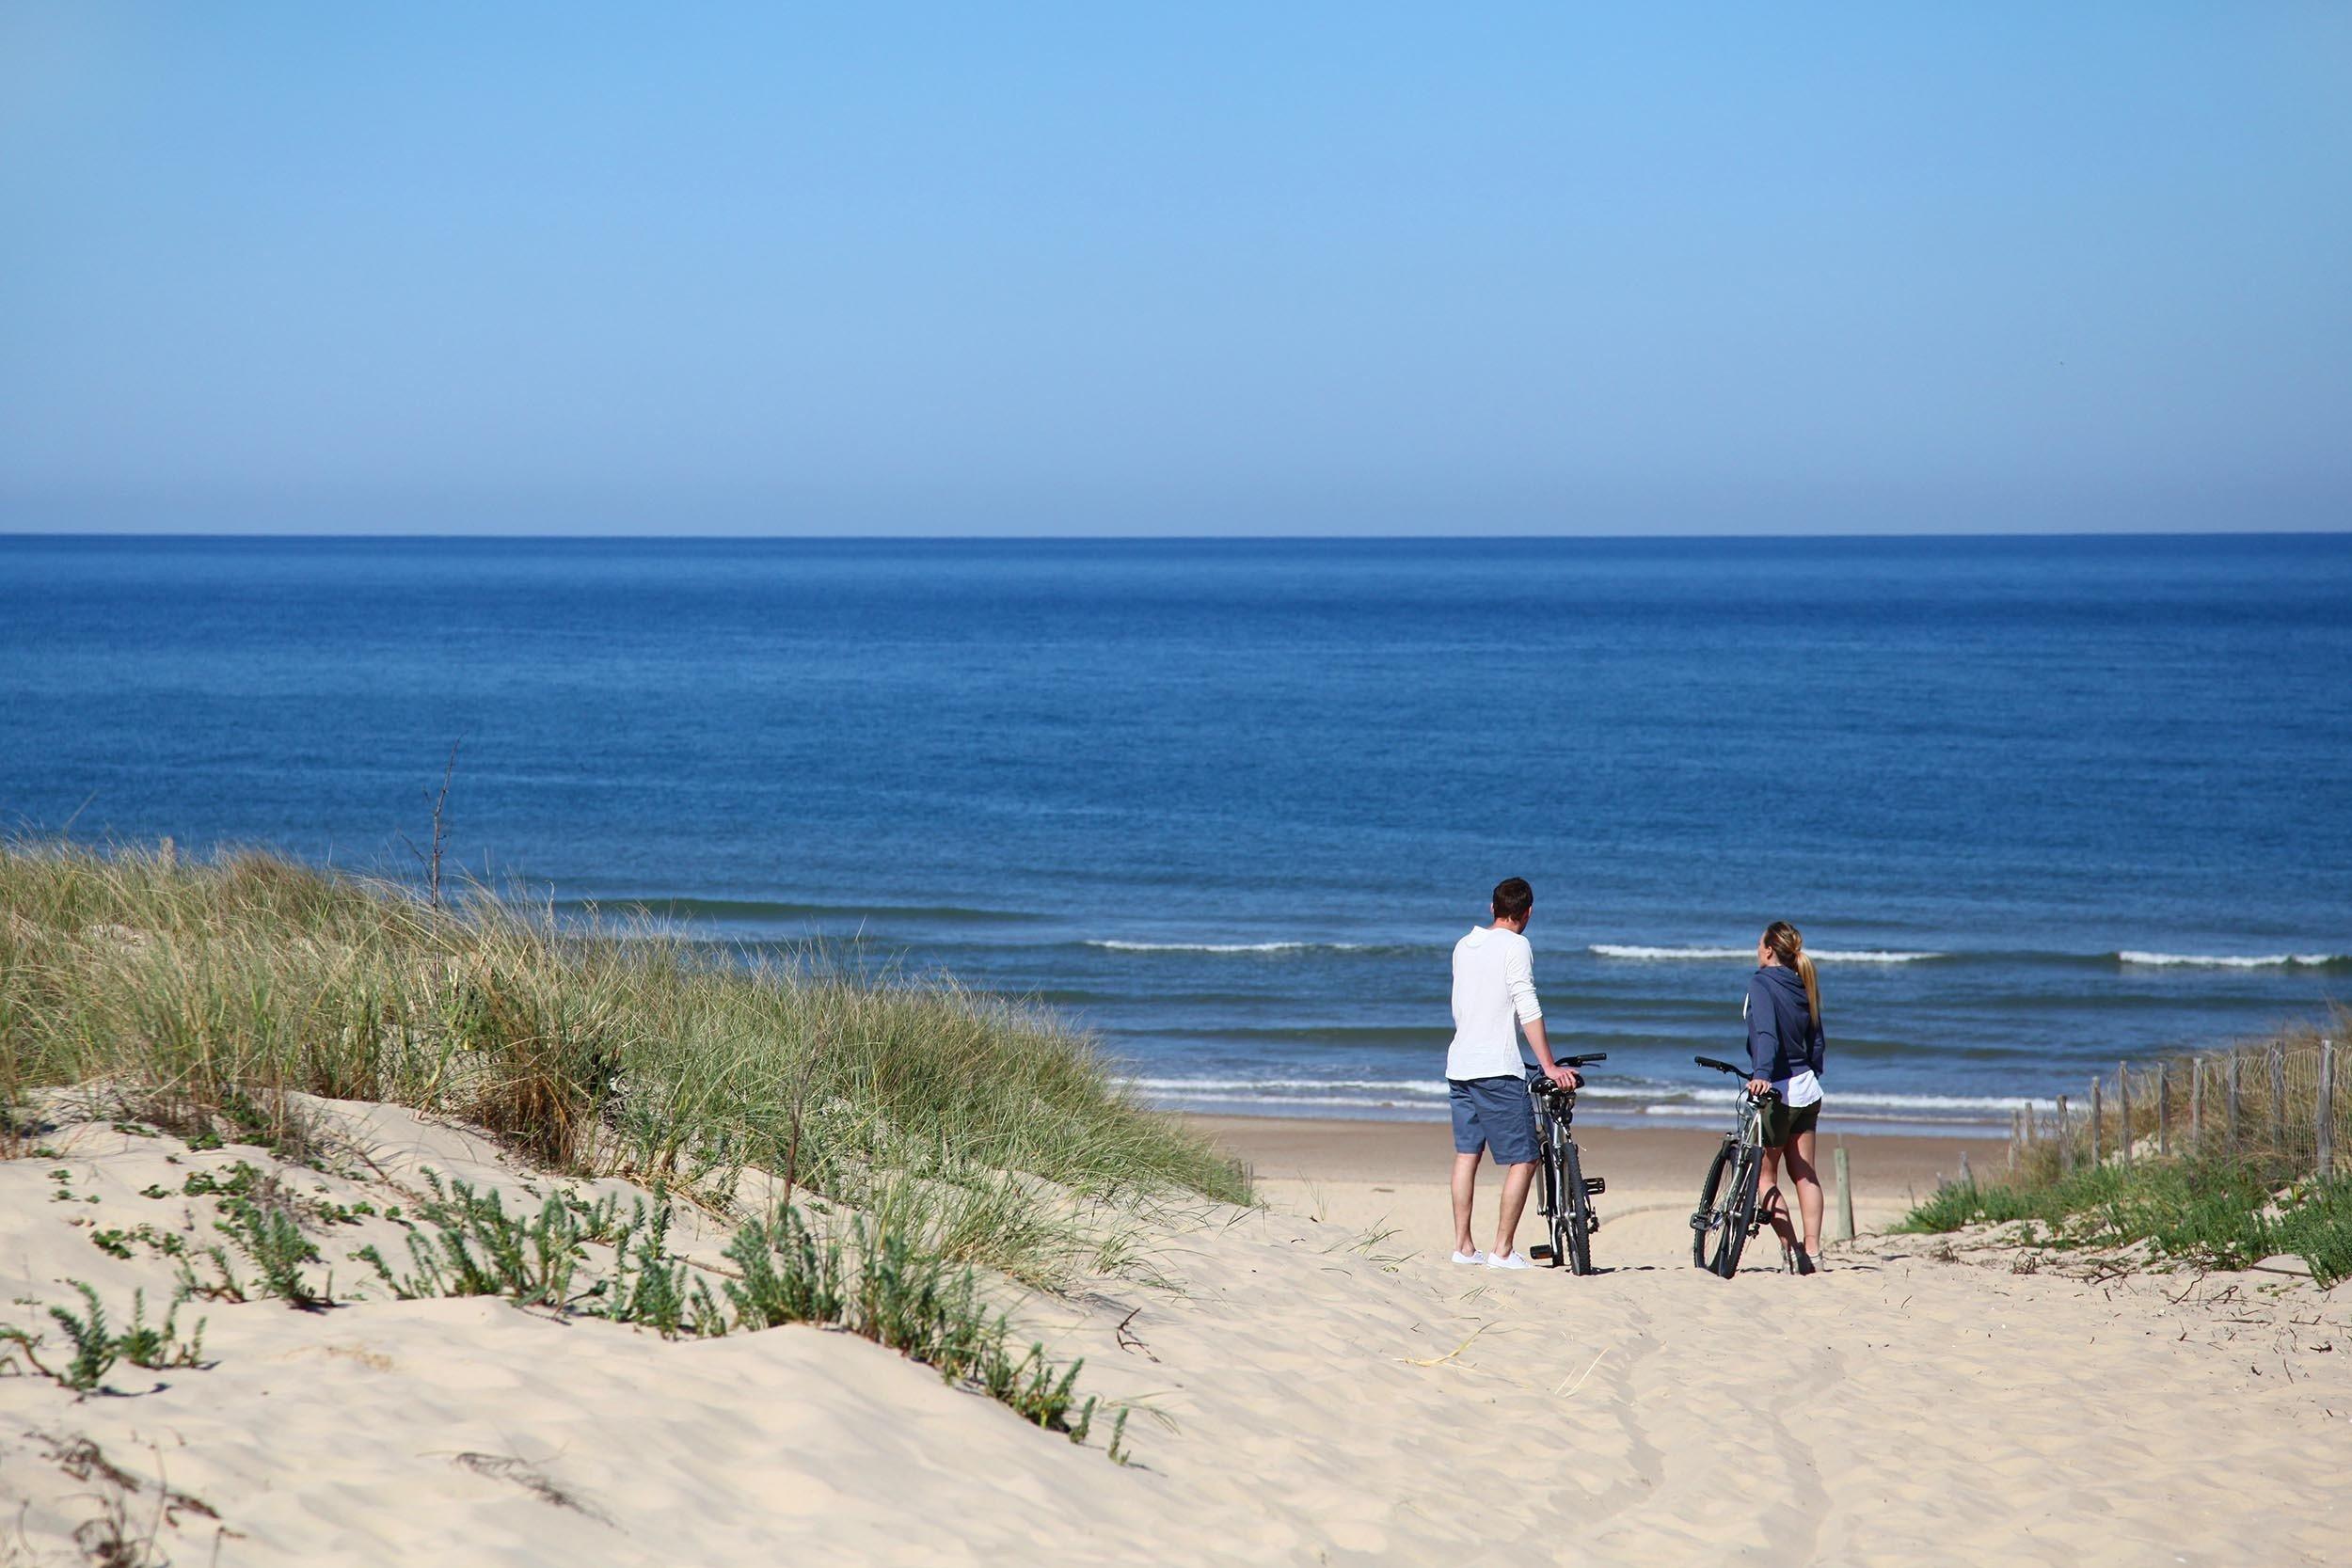 Dagaanbieding - 2 of 3 dagen all-inclusive in Zeeland nabij Brugge en het strand dagelijkse koopjes